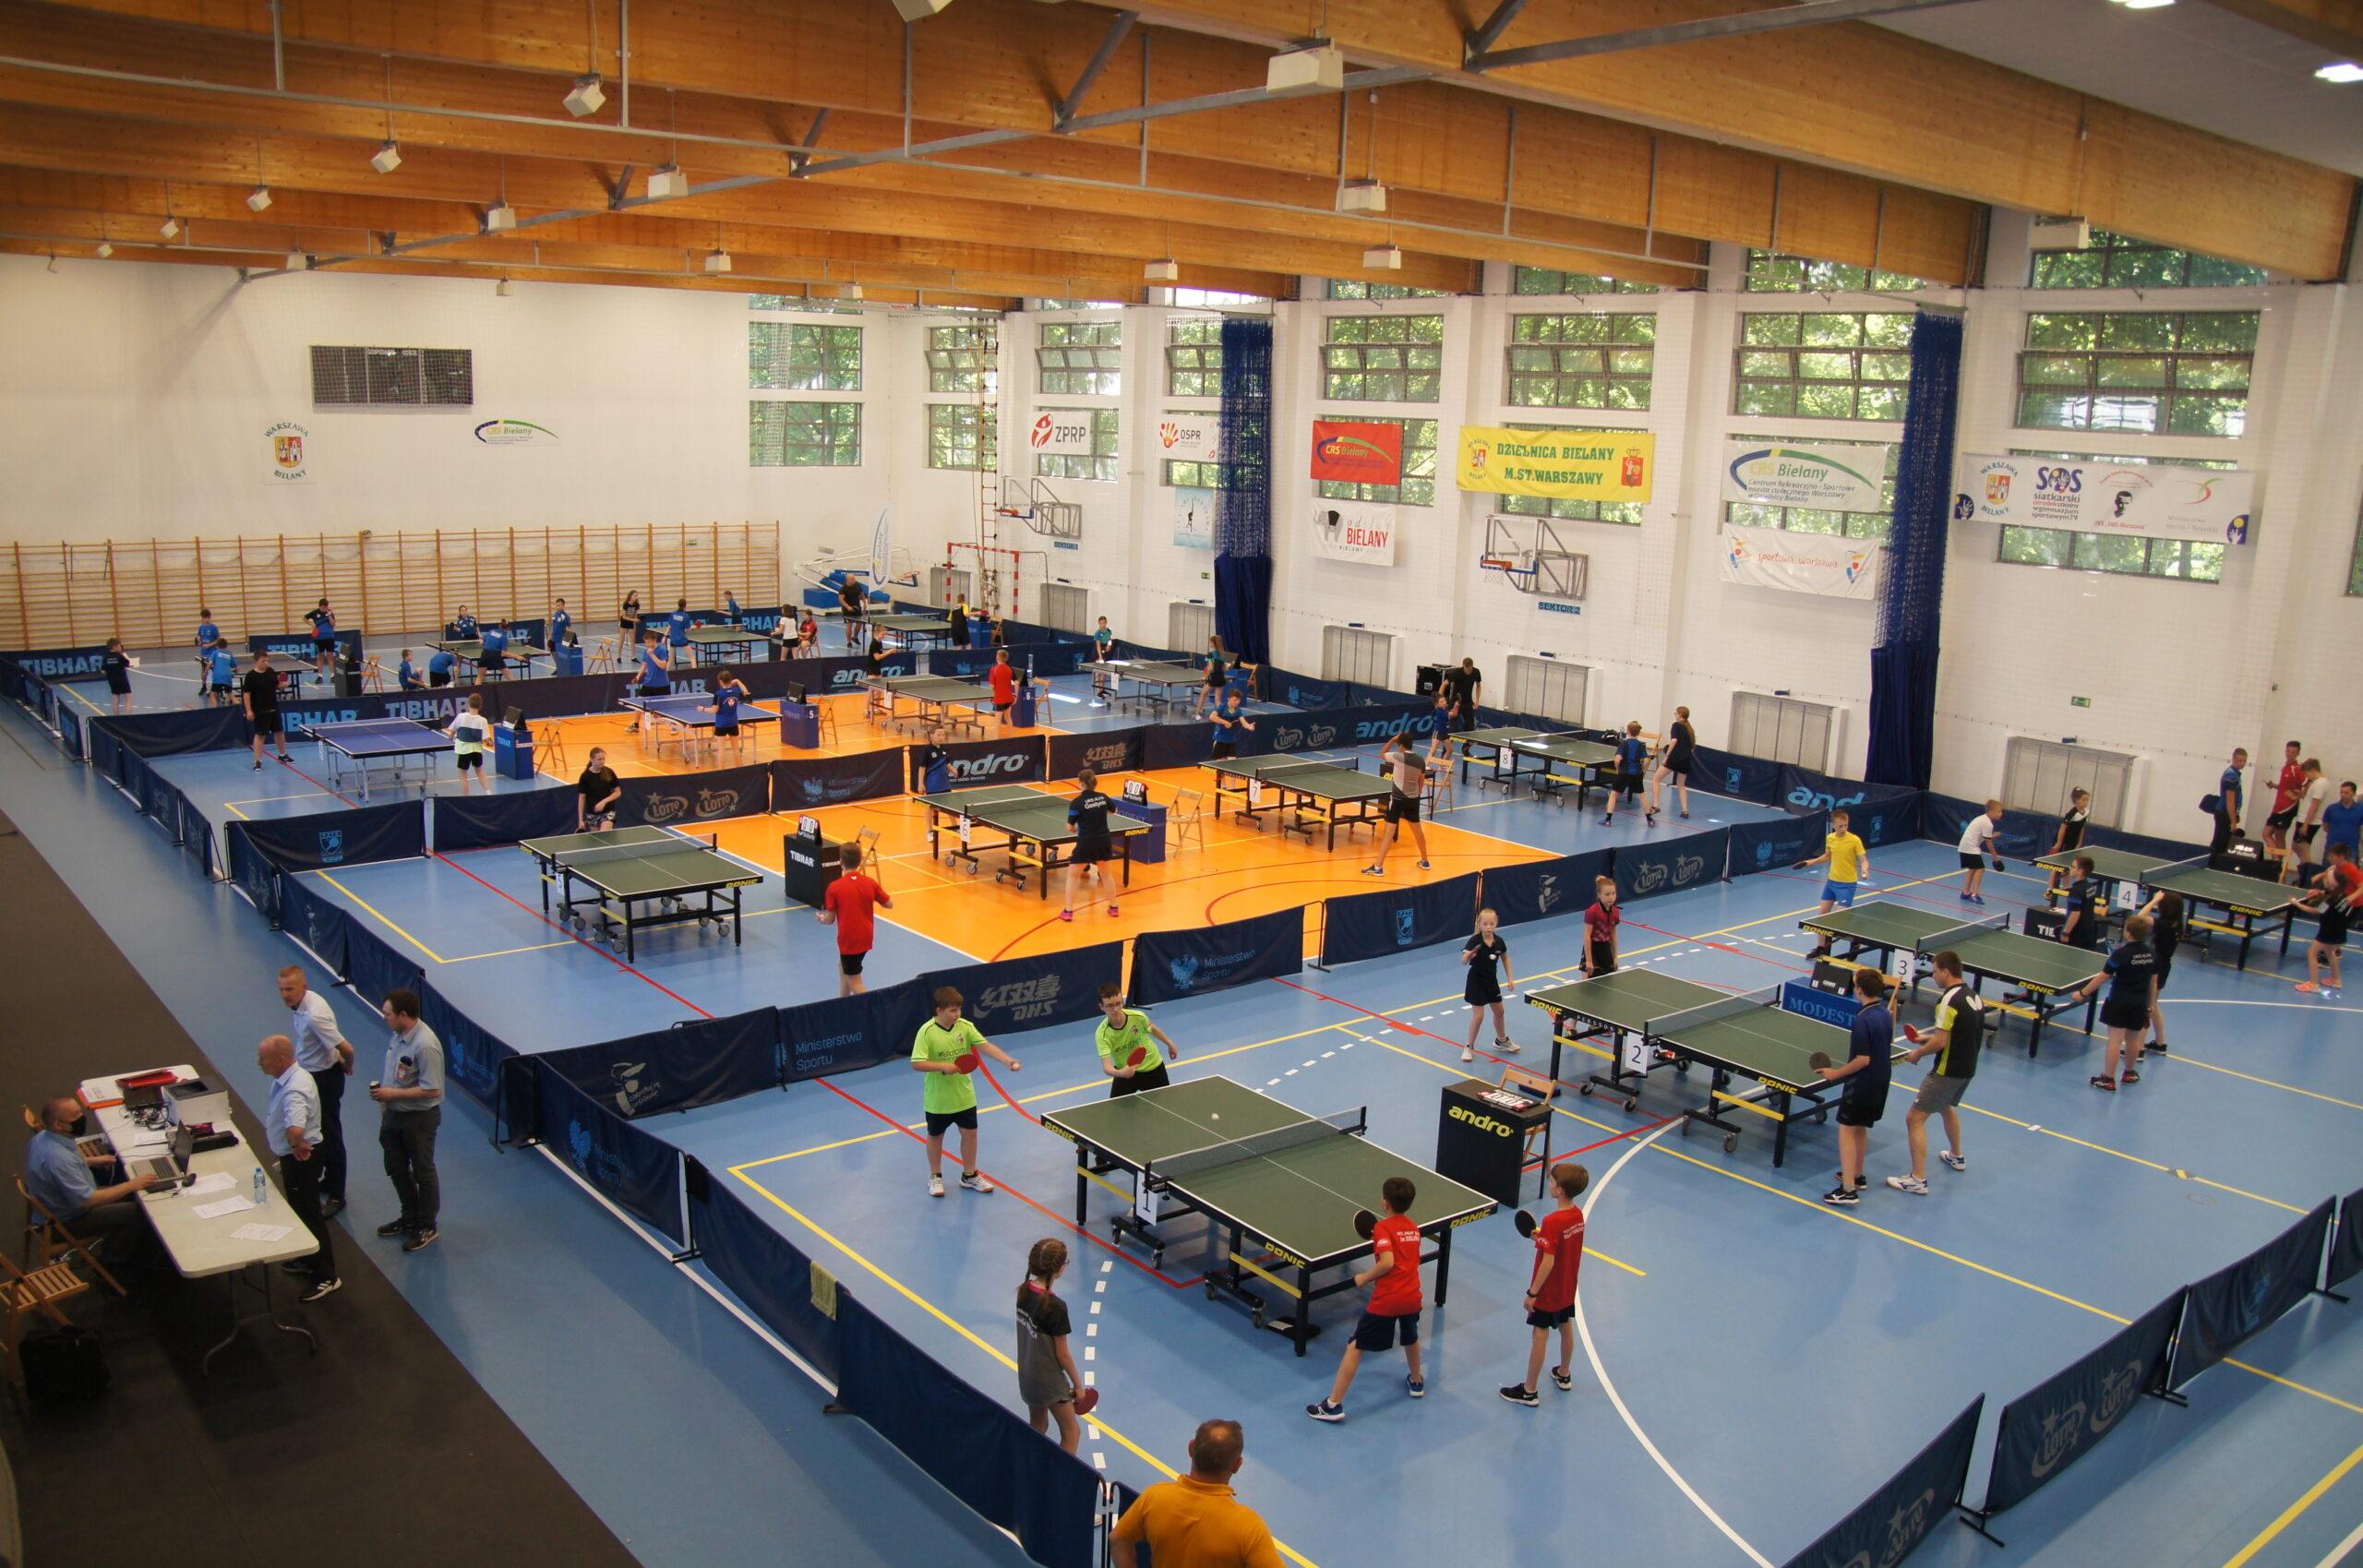 Zawodnicy grający w tenisa stołowego w hali sportowej.